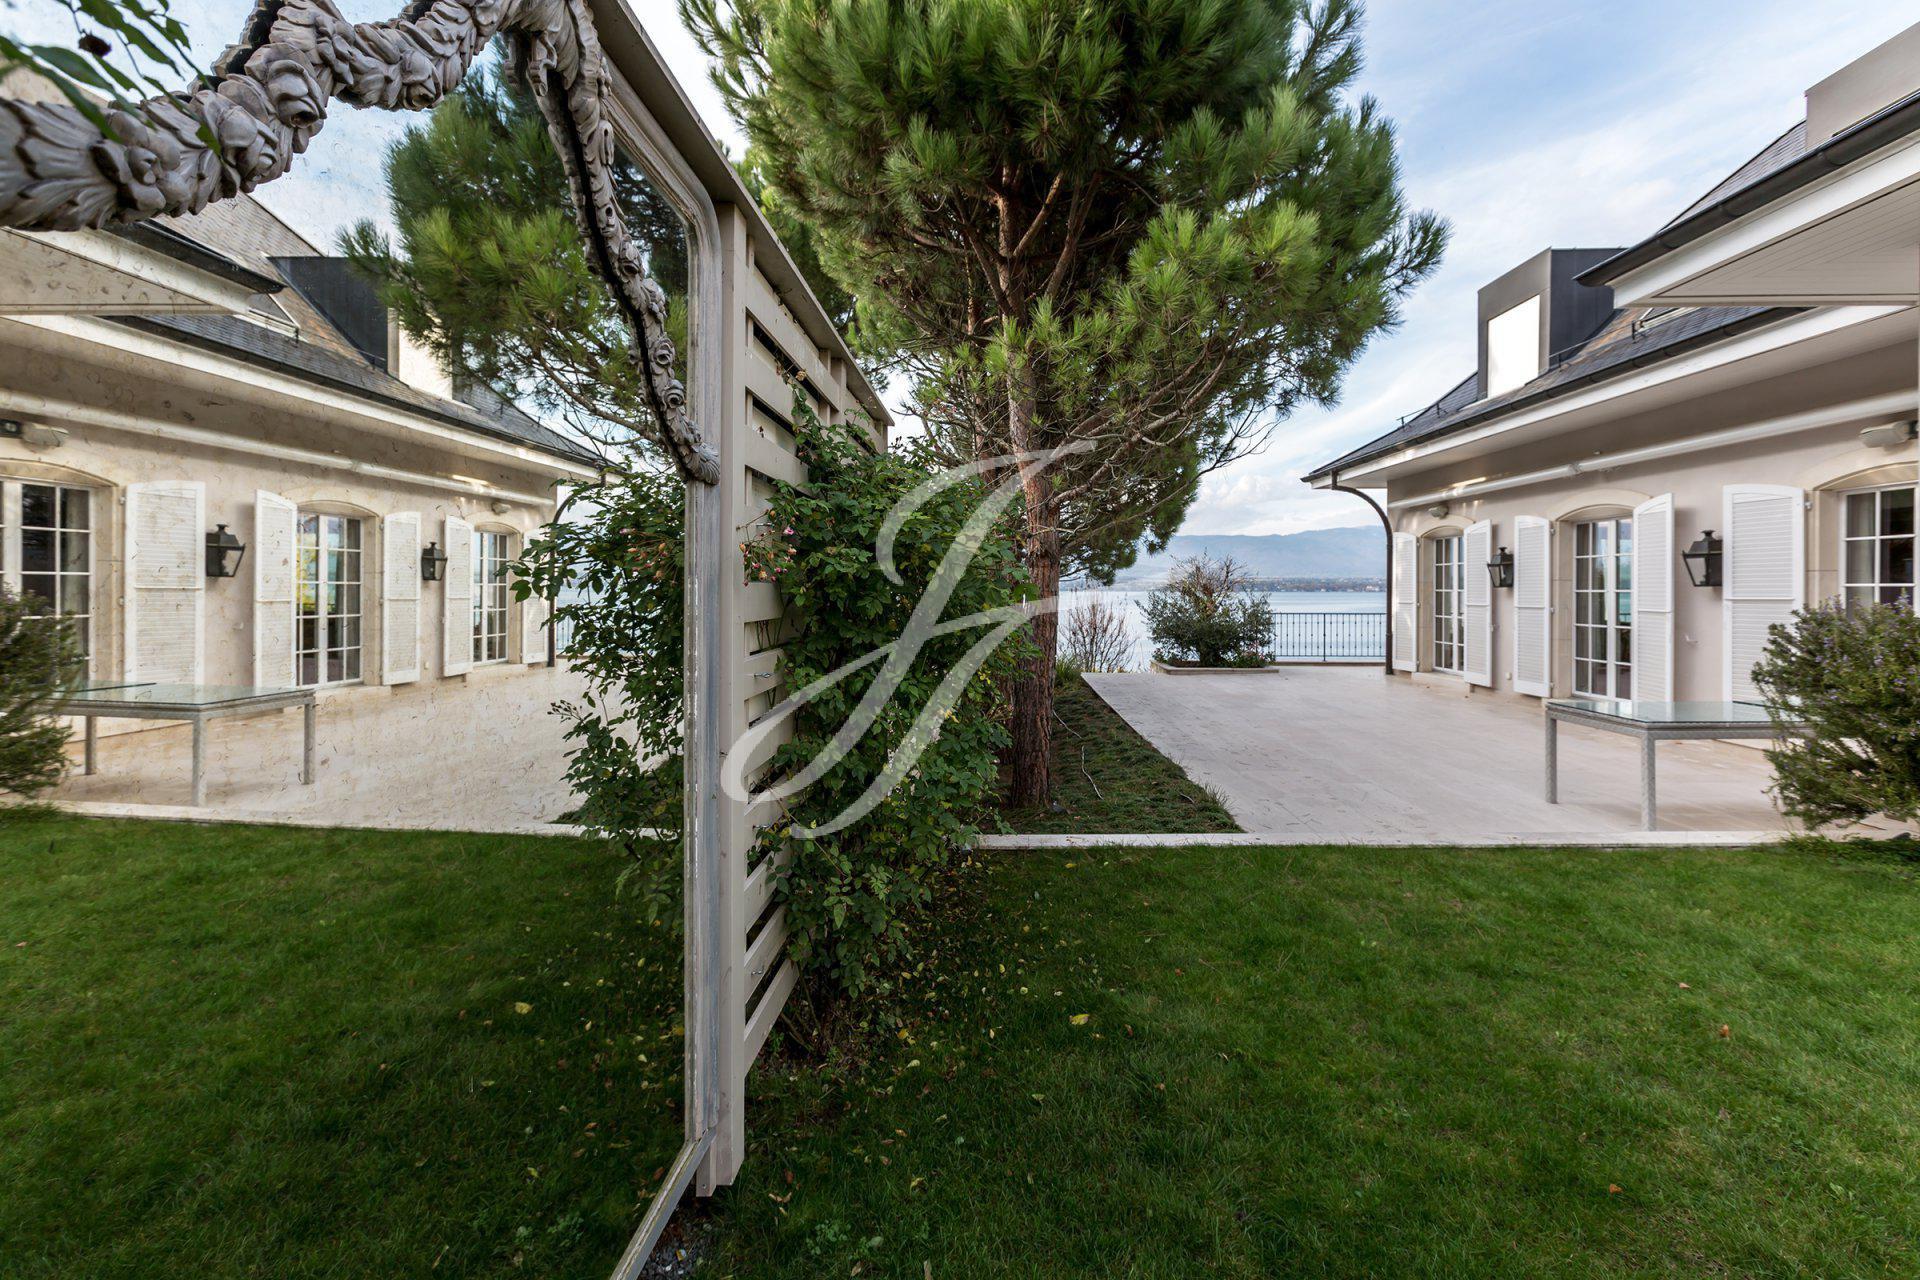 Villa de Luxe à vendre à Genève Rive Gauche, Anières, Suisse |John Taylor Switzerland | FINEST RESIDENCES